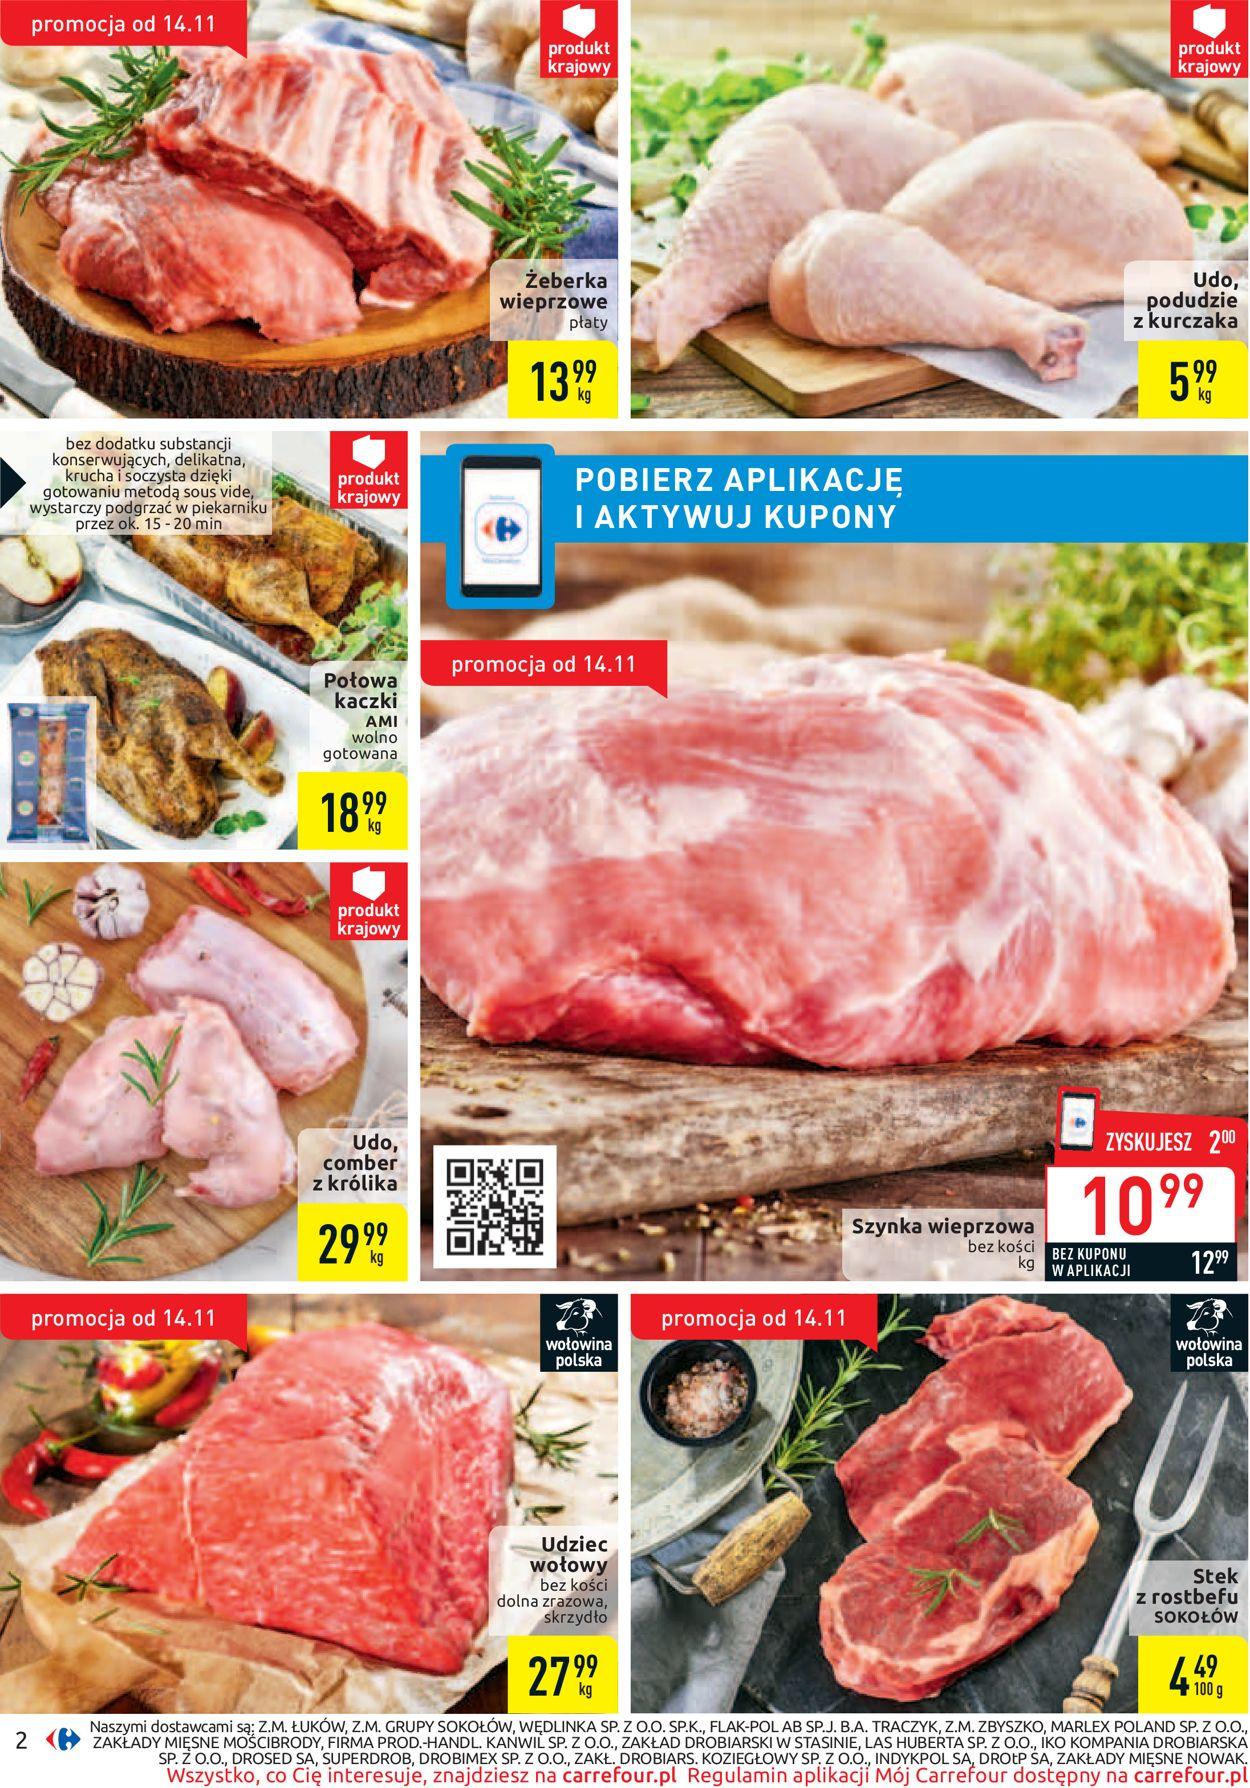 Gazetka promocyjna Carrefour - 12.11-24.11.2019 (Strona 2)